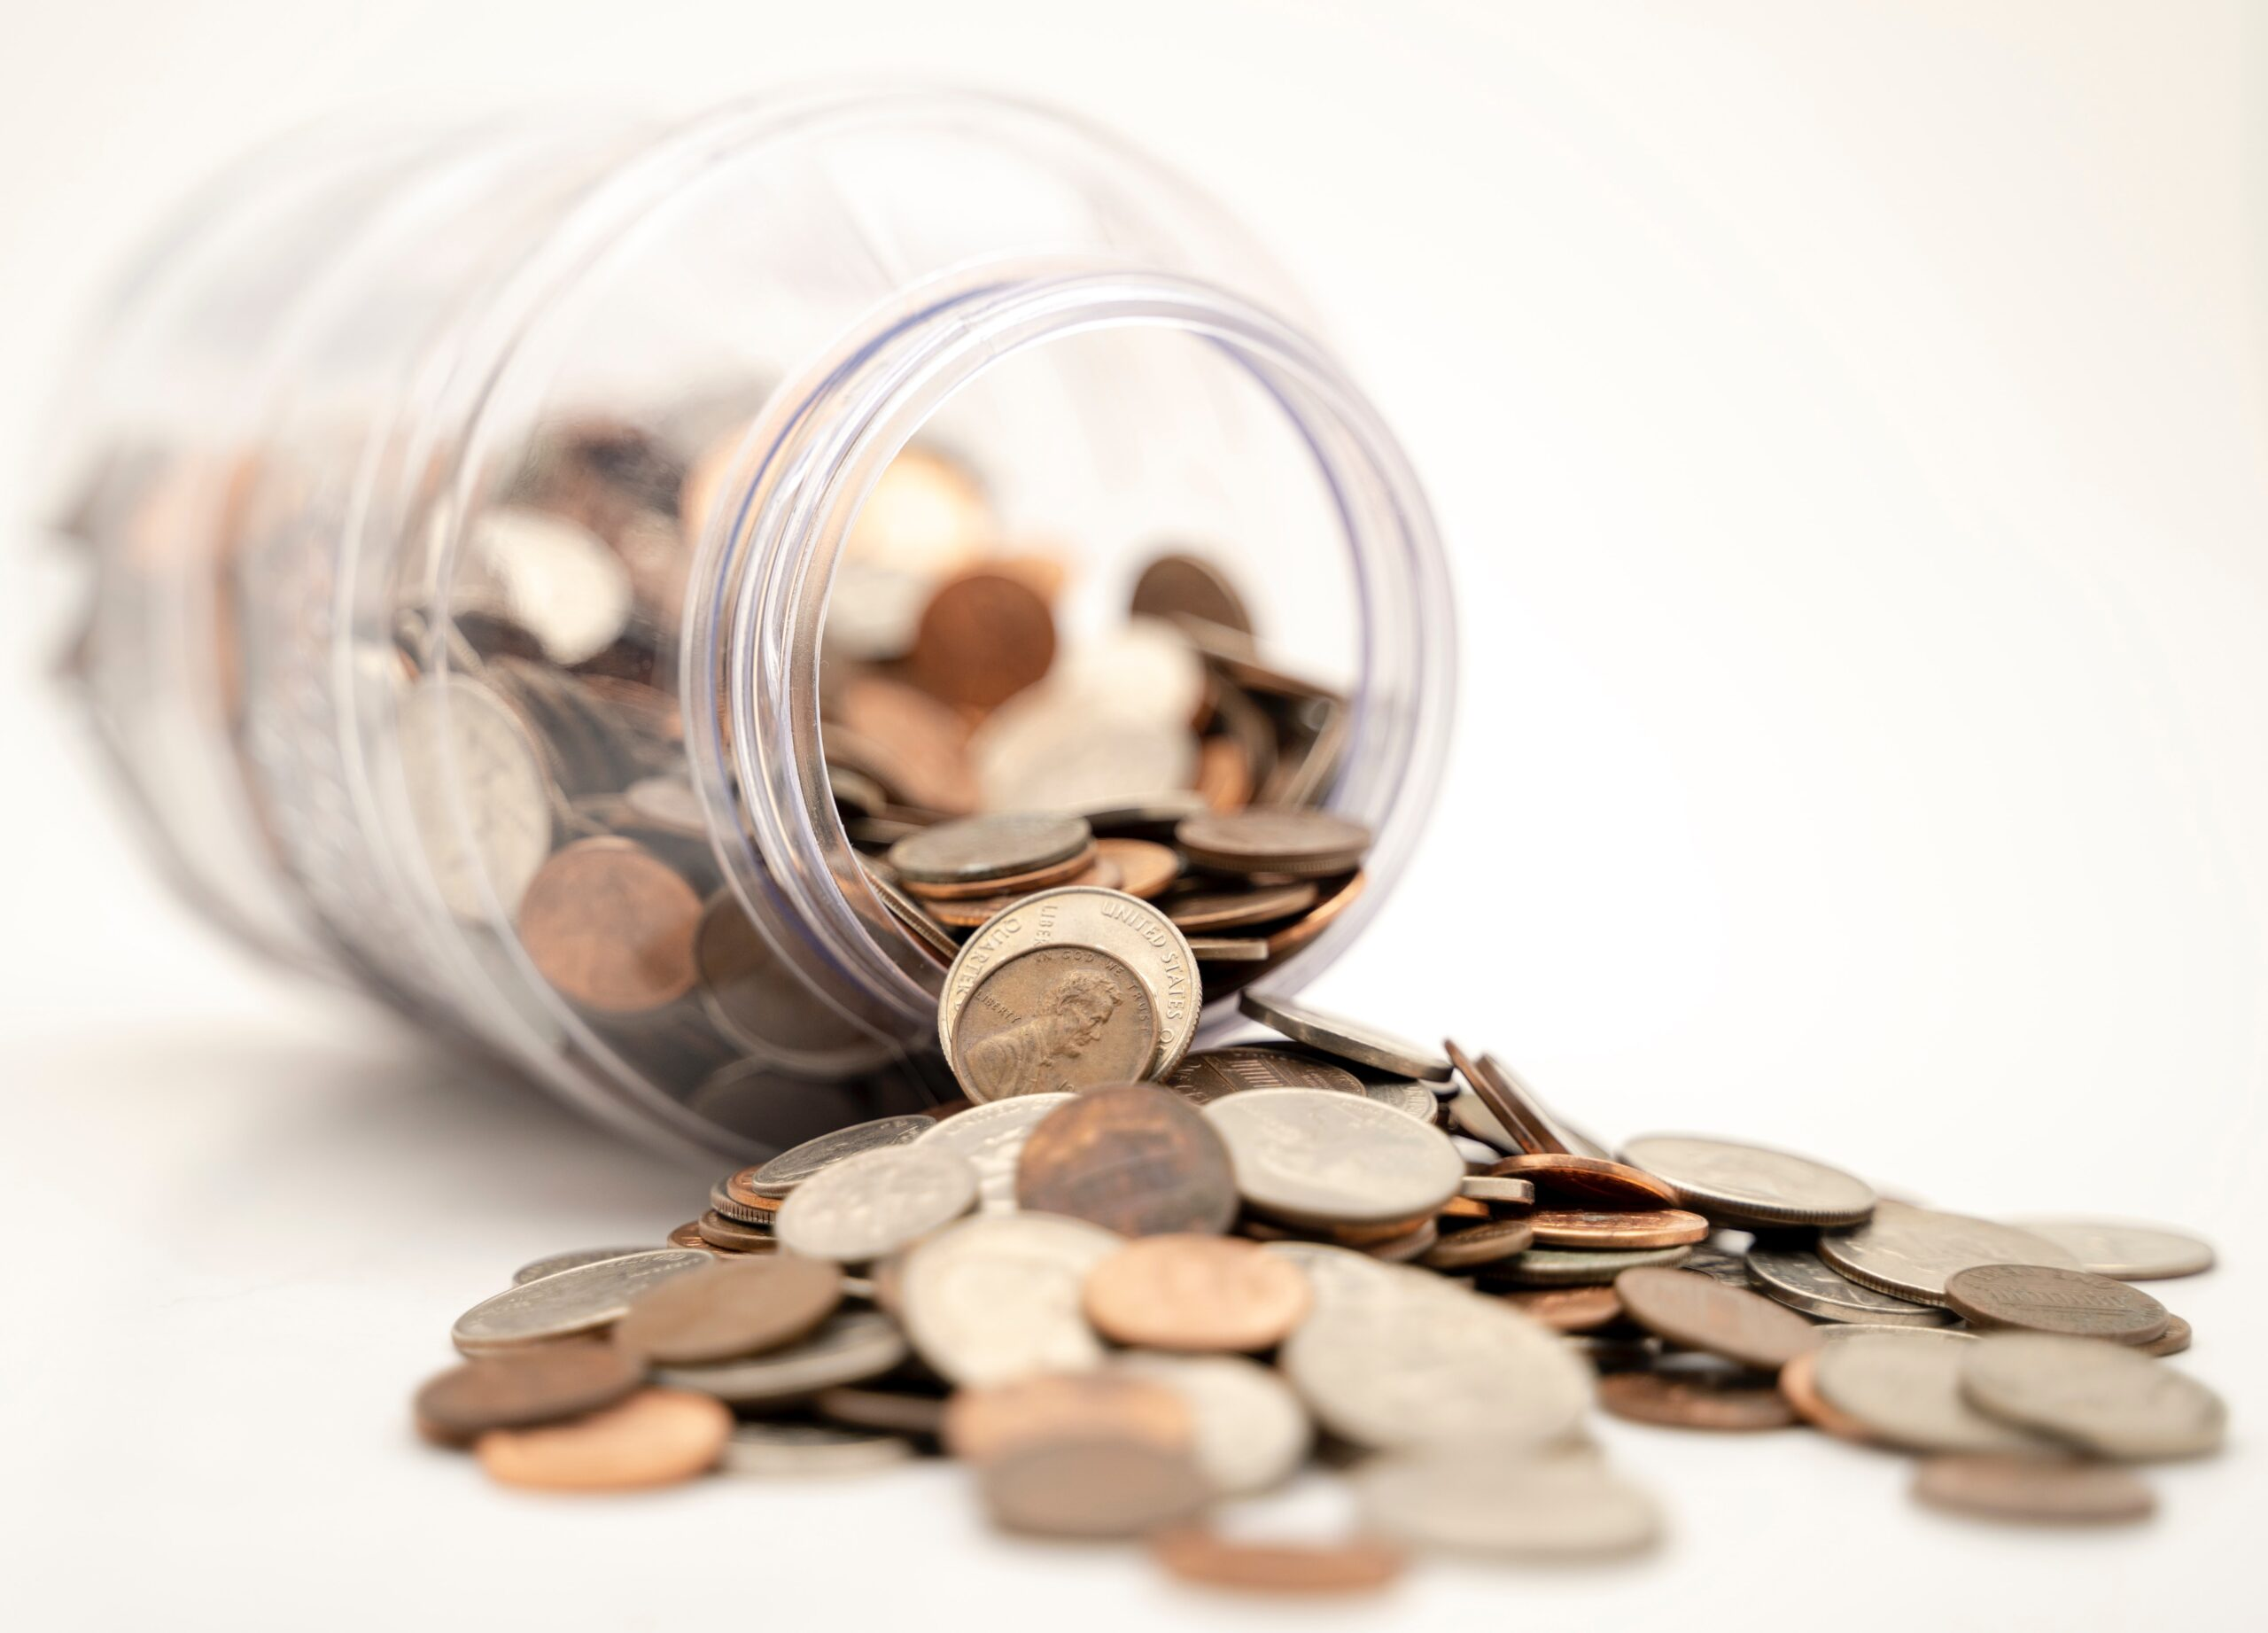 Un'imposta progressiva sull'eredità: analisi di una valida alternativa